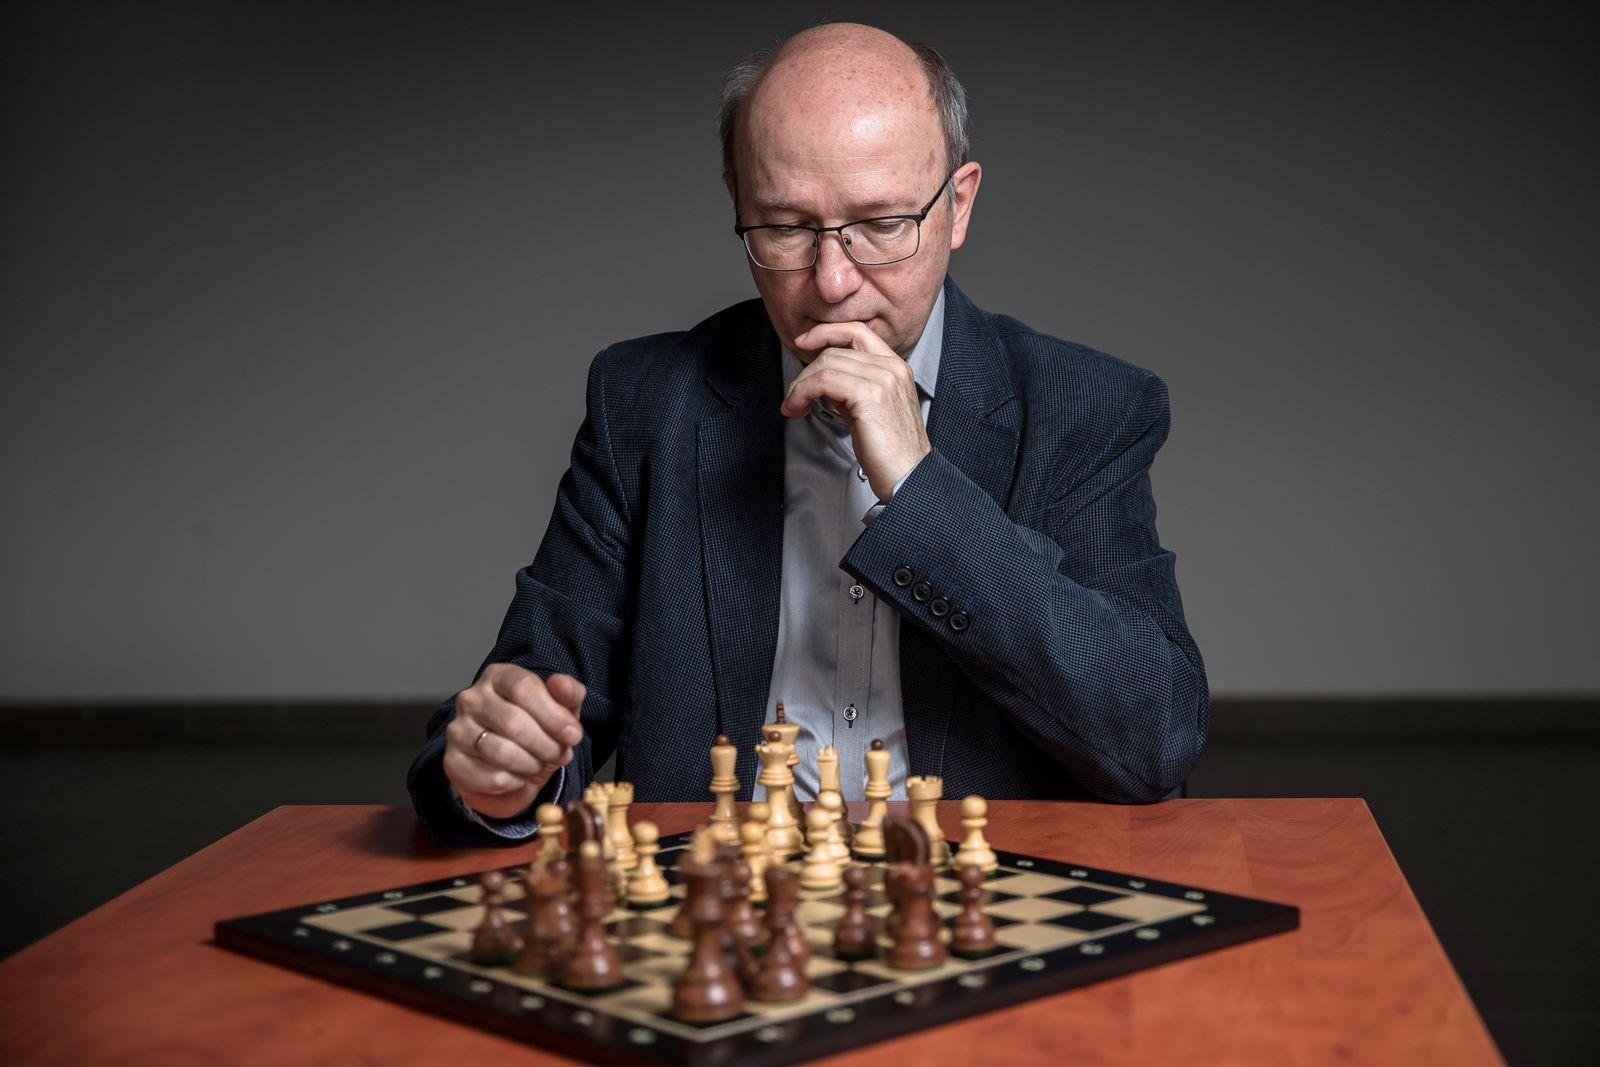 Dr Zbigniew Kokosinski and his diagonal chess in Krakow, Poland - 12 Jan 2021